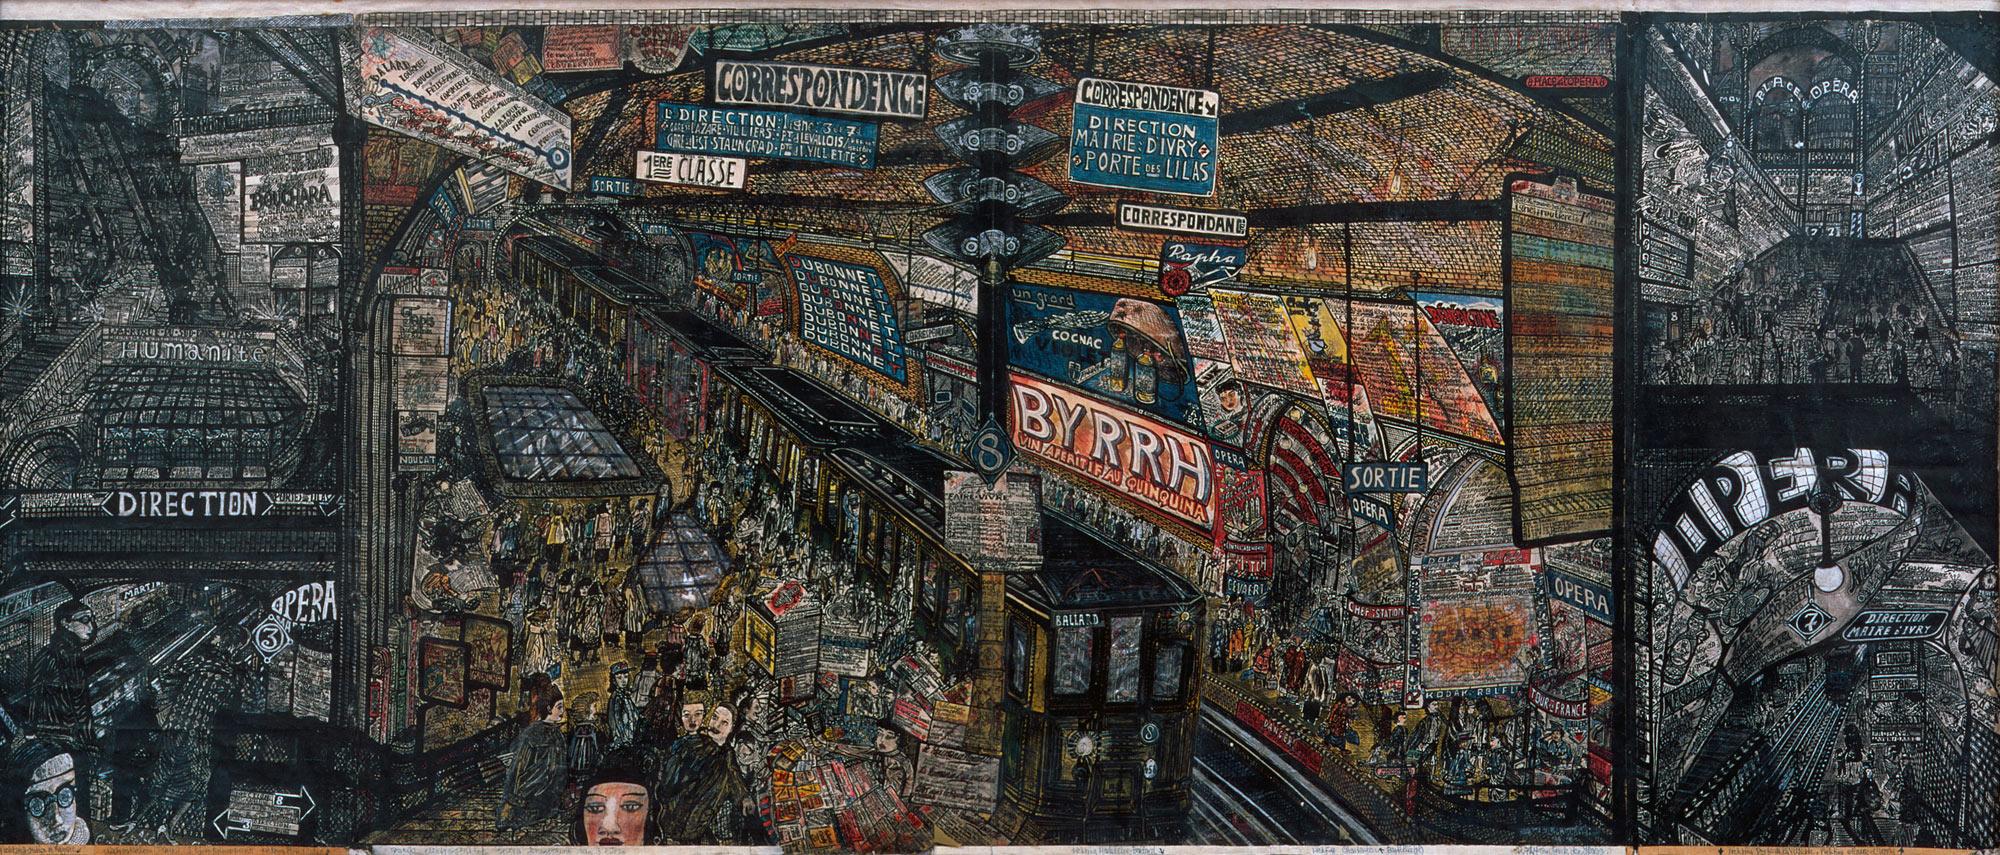 Geordende chaos: over het leven en werk van Willem van Genk